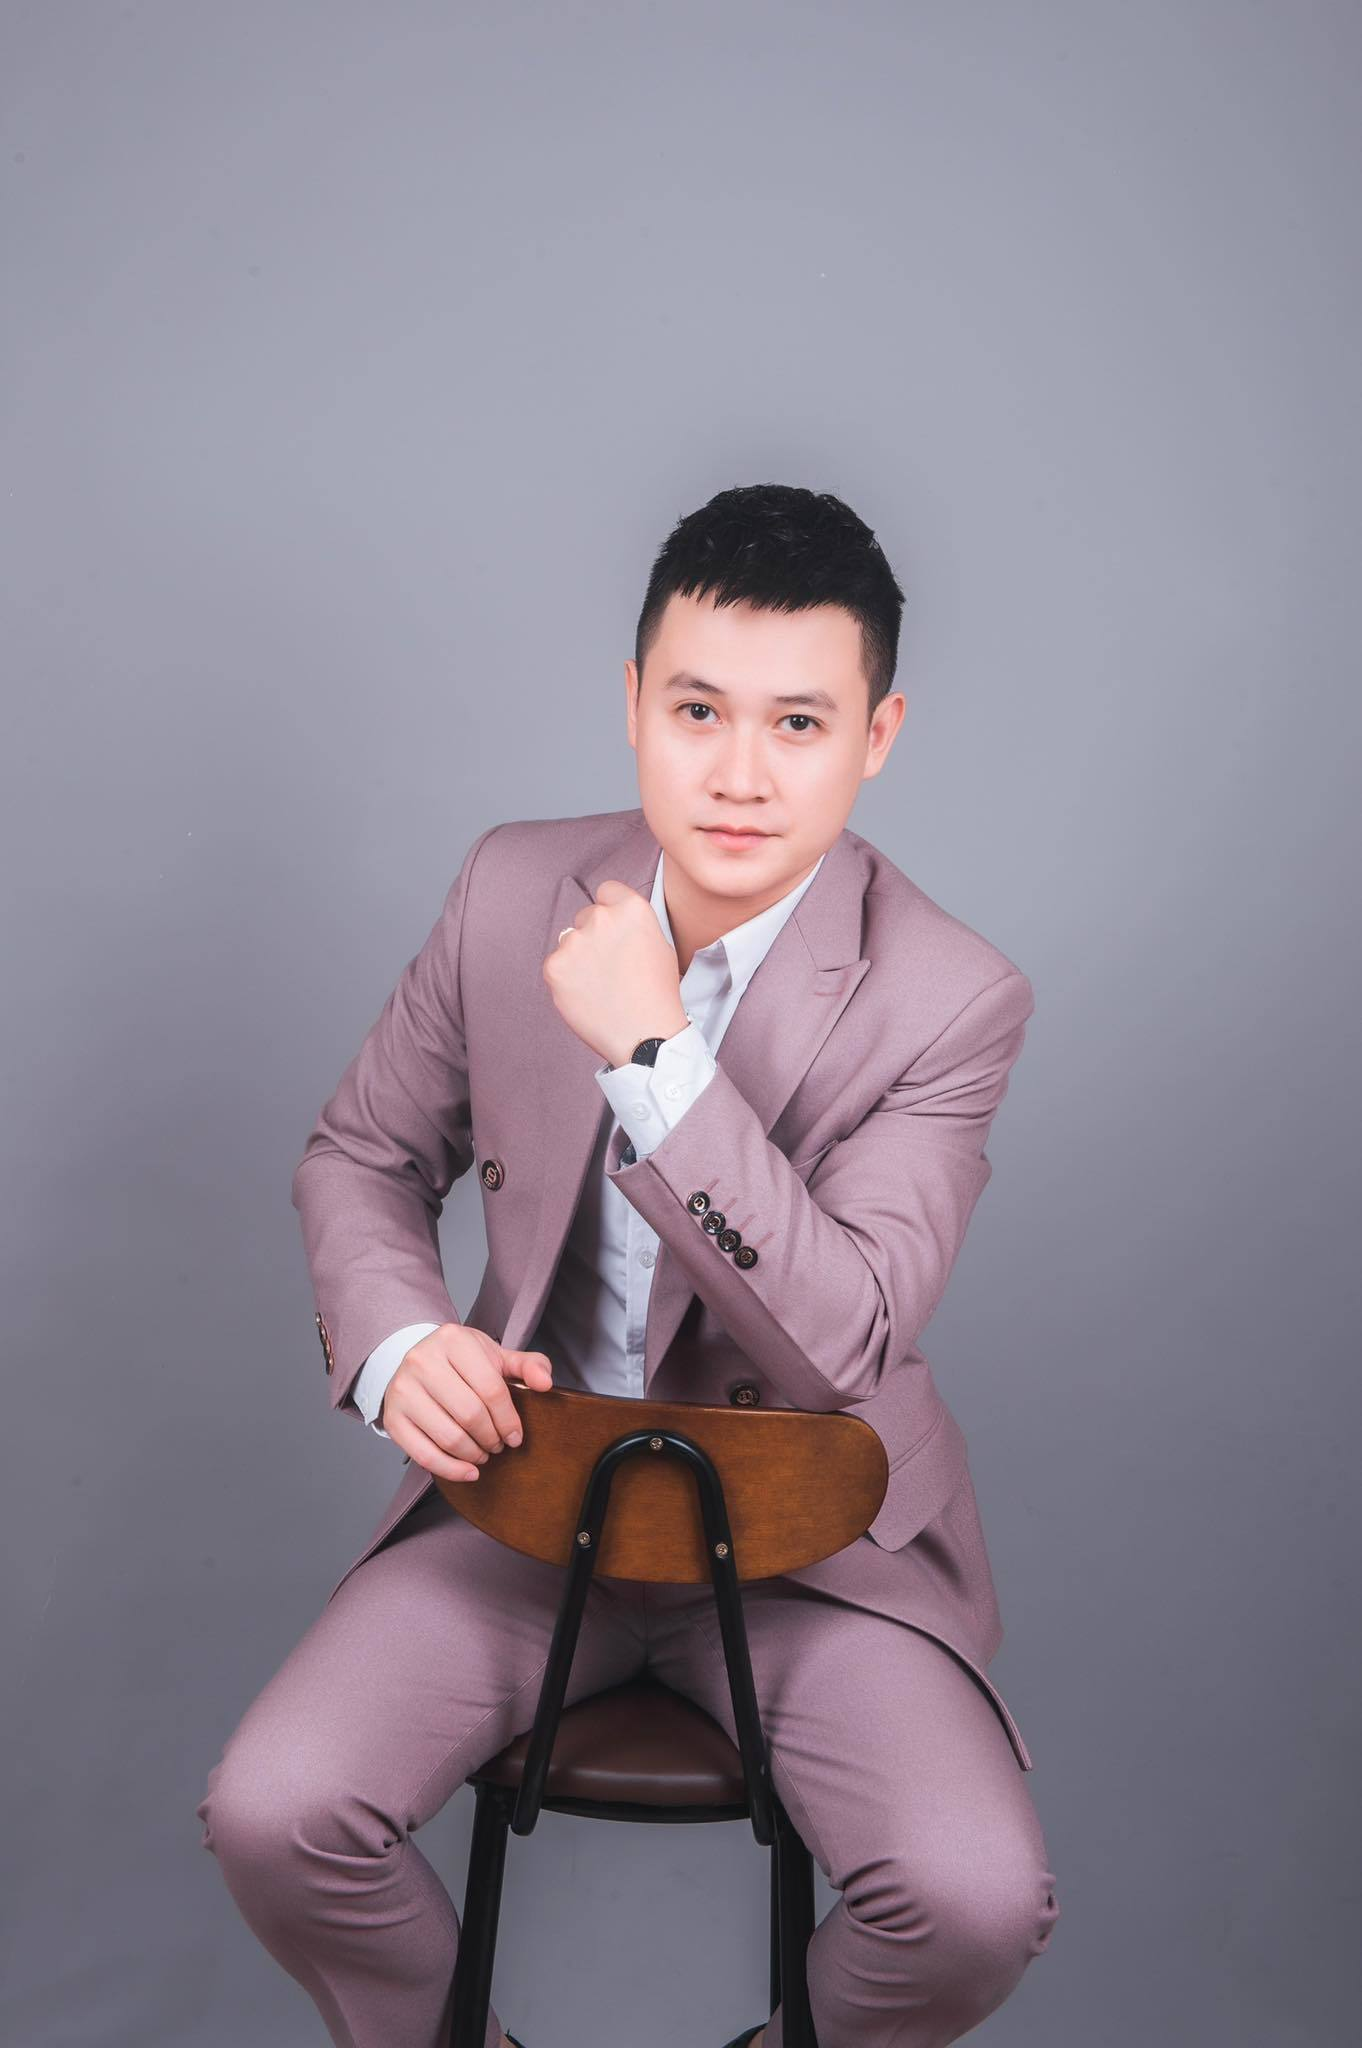 Vì sao Nguyễn Lộc 'Chạm tay vào nỗi nhớ' tạm gác nghiệp diễn?